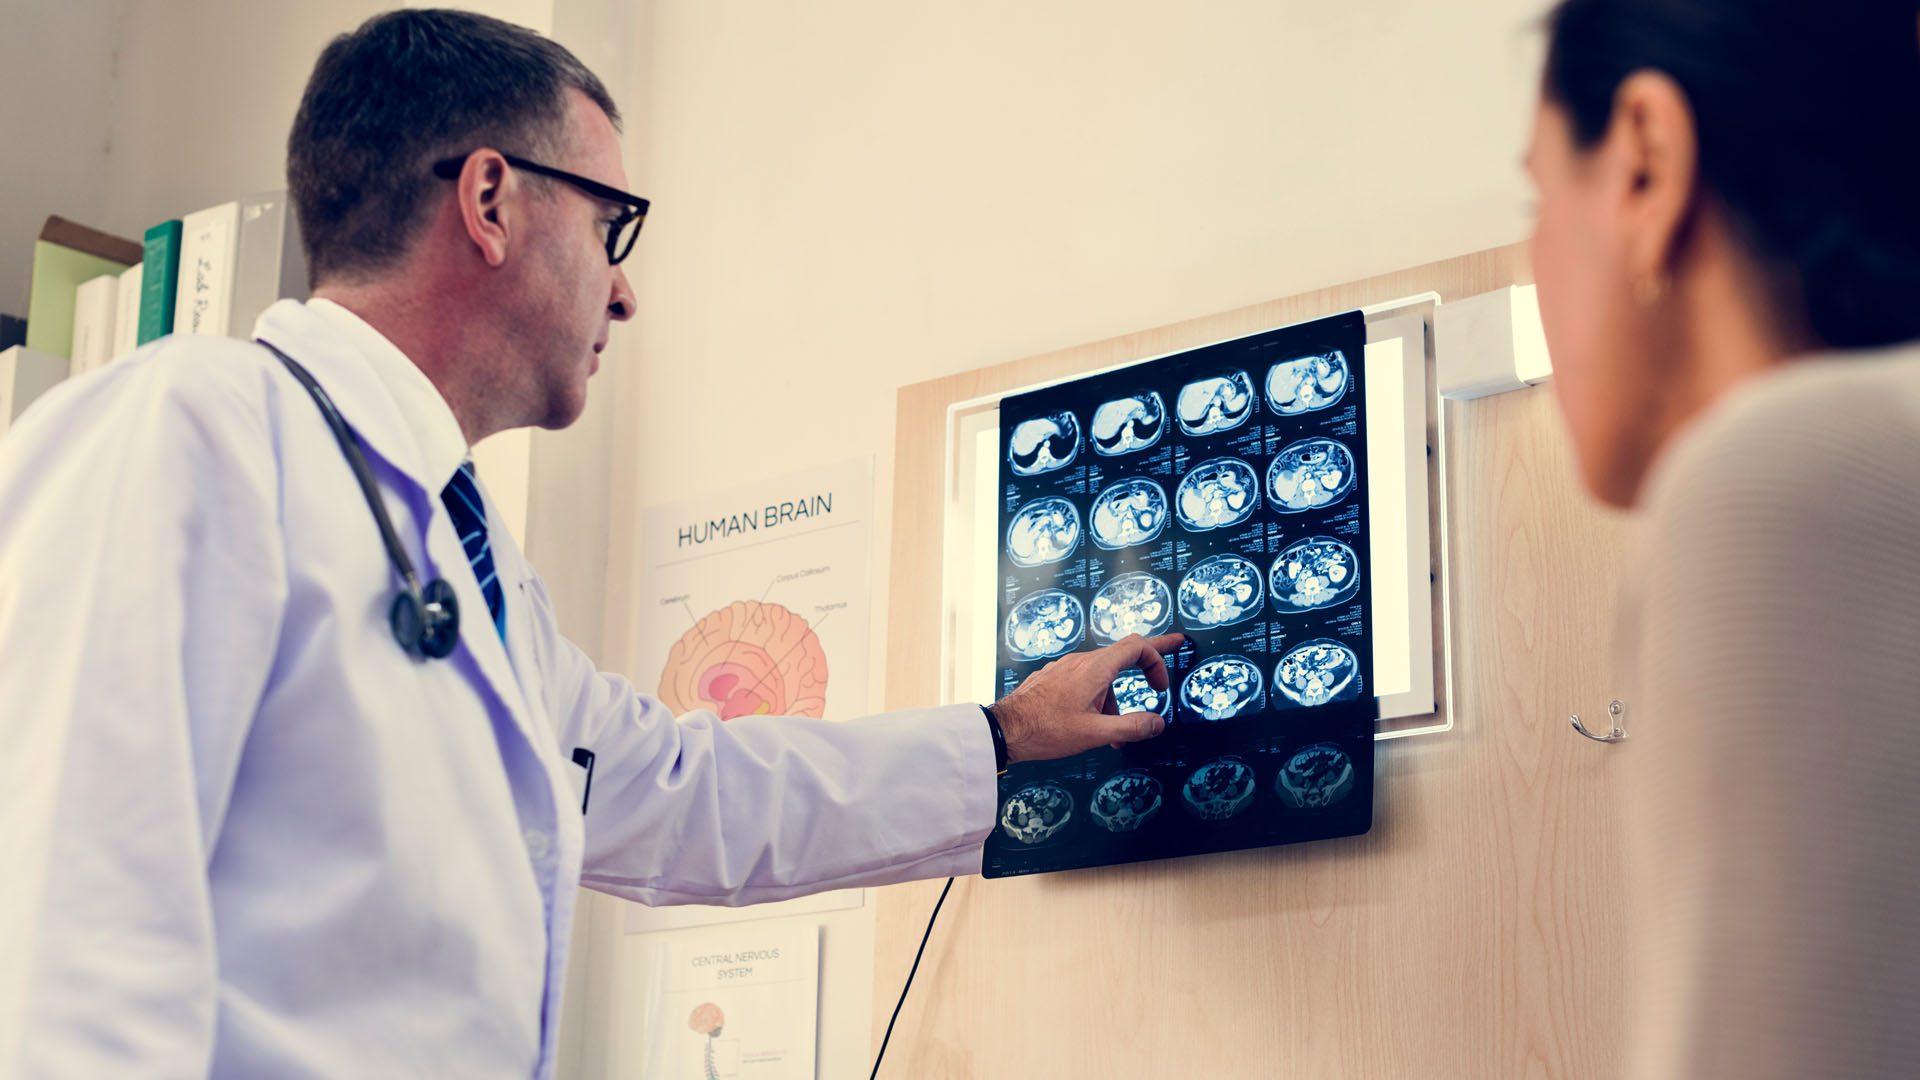 Lesiones cerebrales traumáticas leves tratamiento quiropráctico el paso, tx.